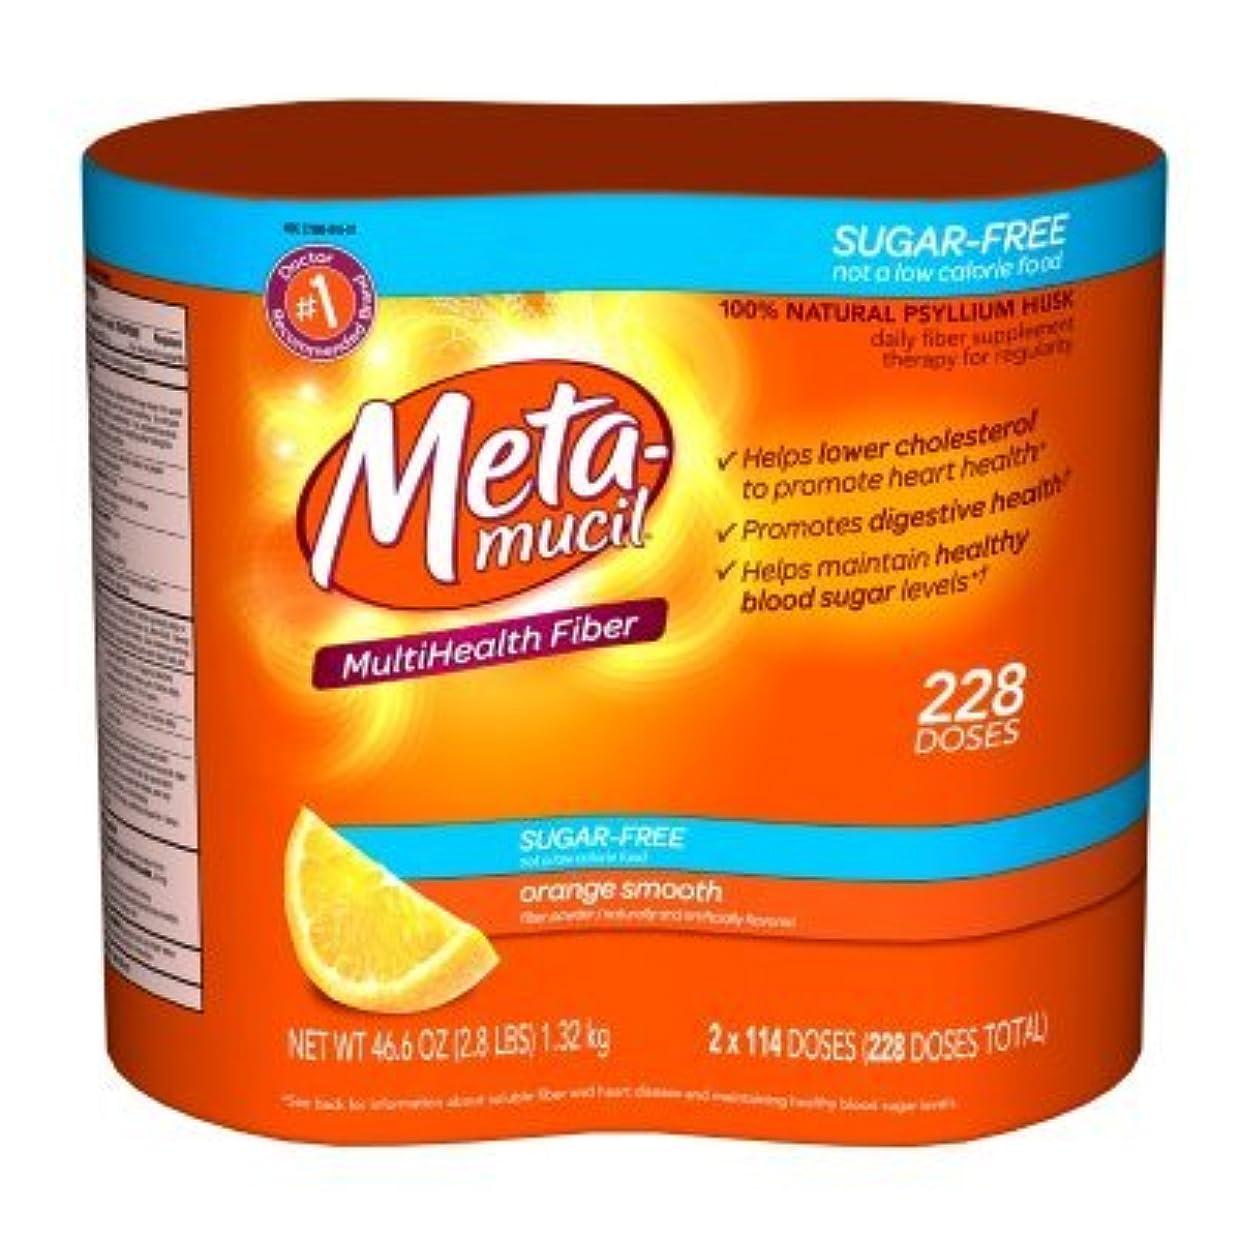 船上苦味論争METAMUCIL社 メタムシル オレンジ 2.72kg